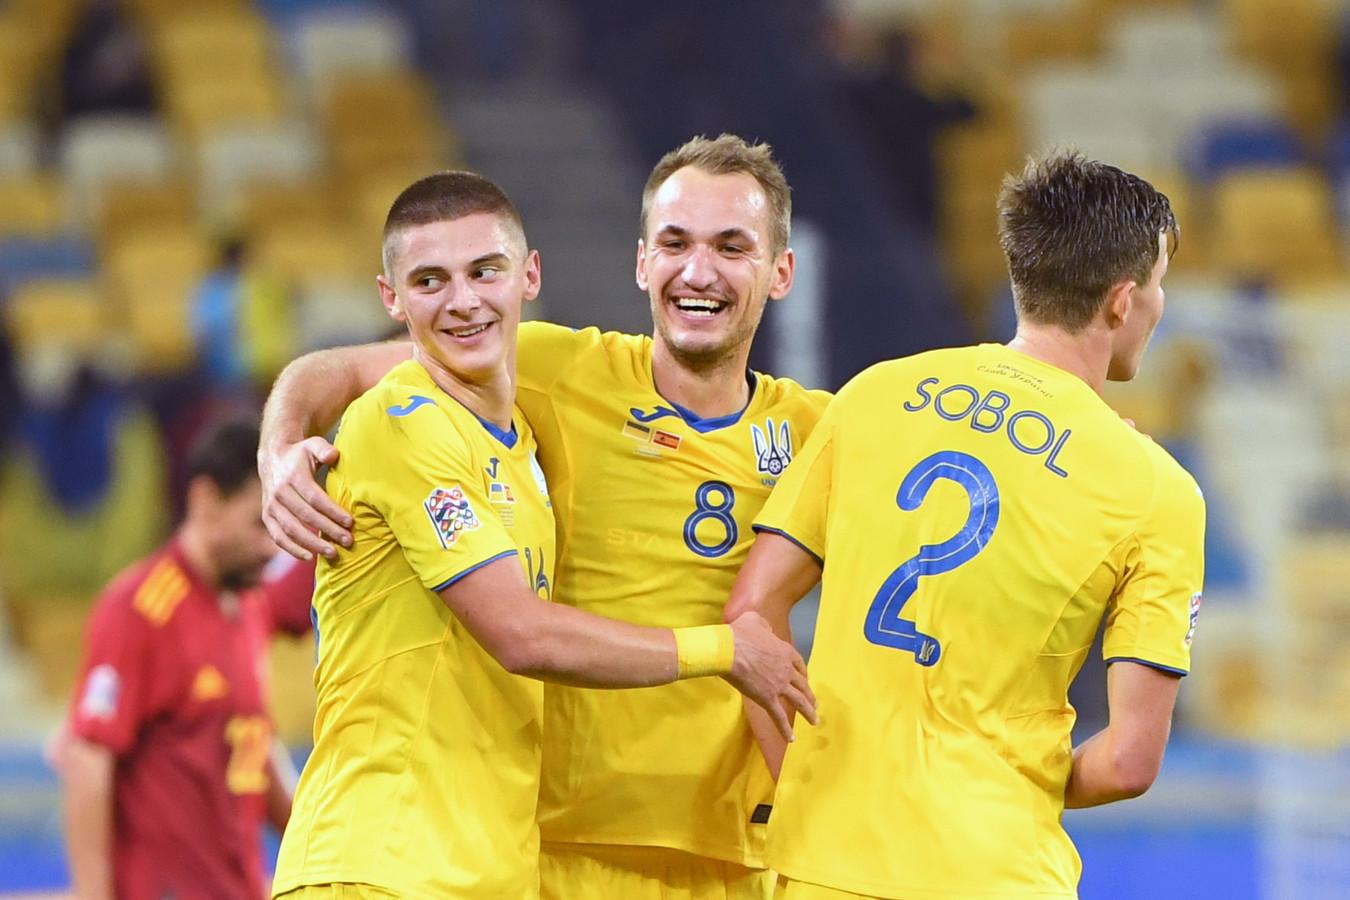 Oekraïne wint verrassend met 1-0 van Spanje.